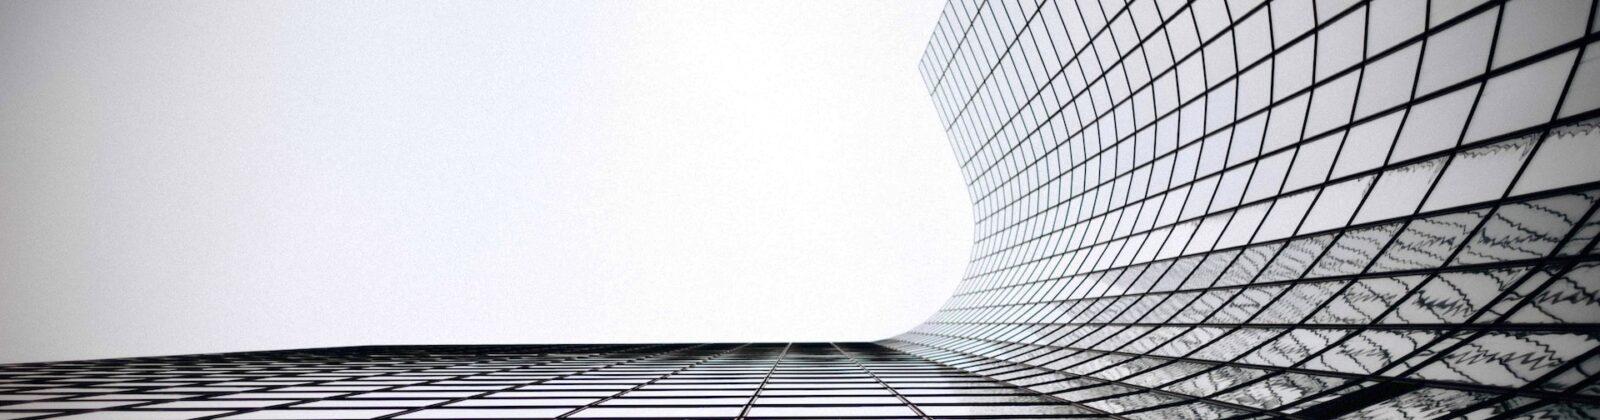 Edificios sostenibles y digitales